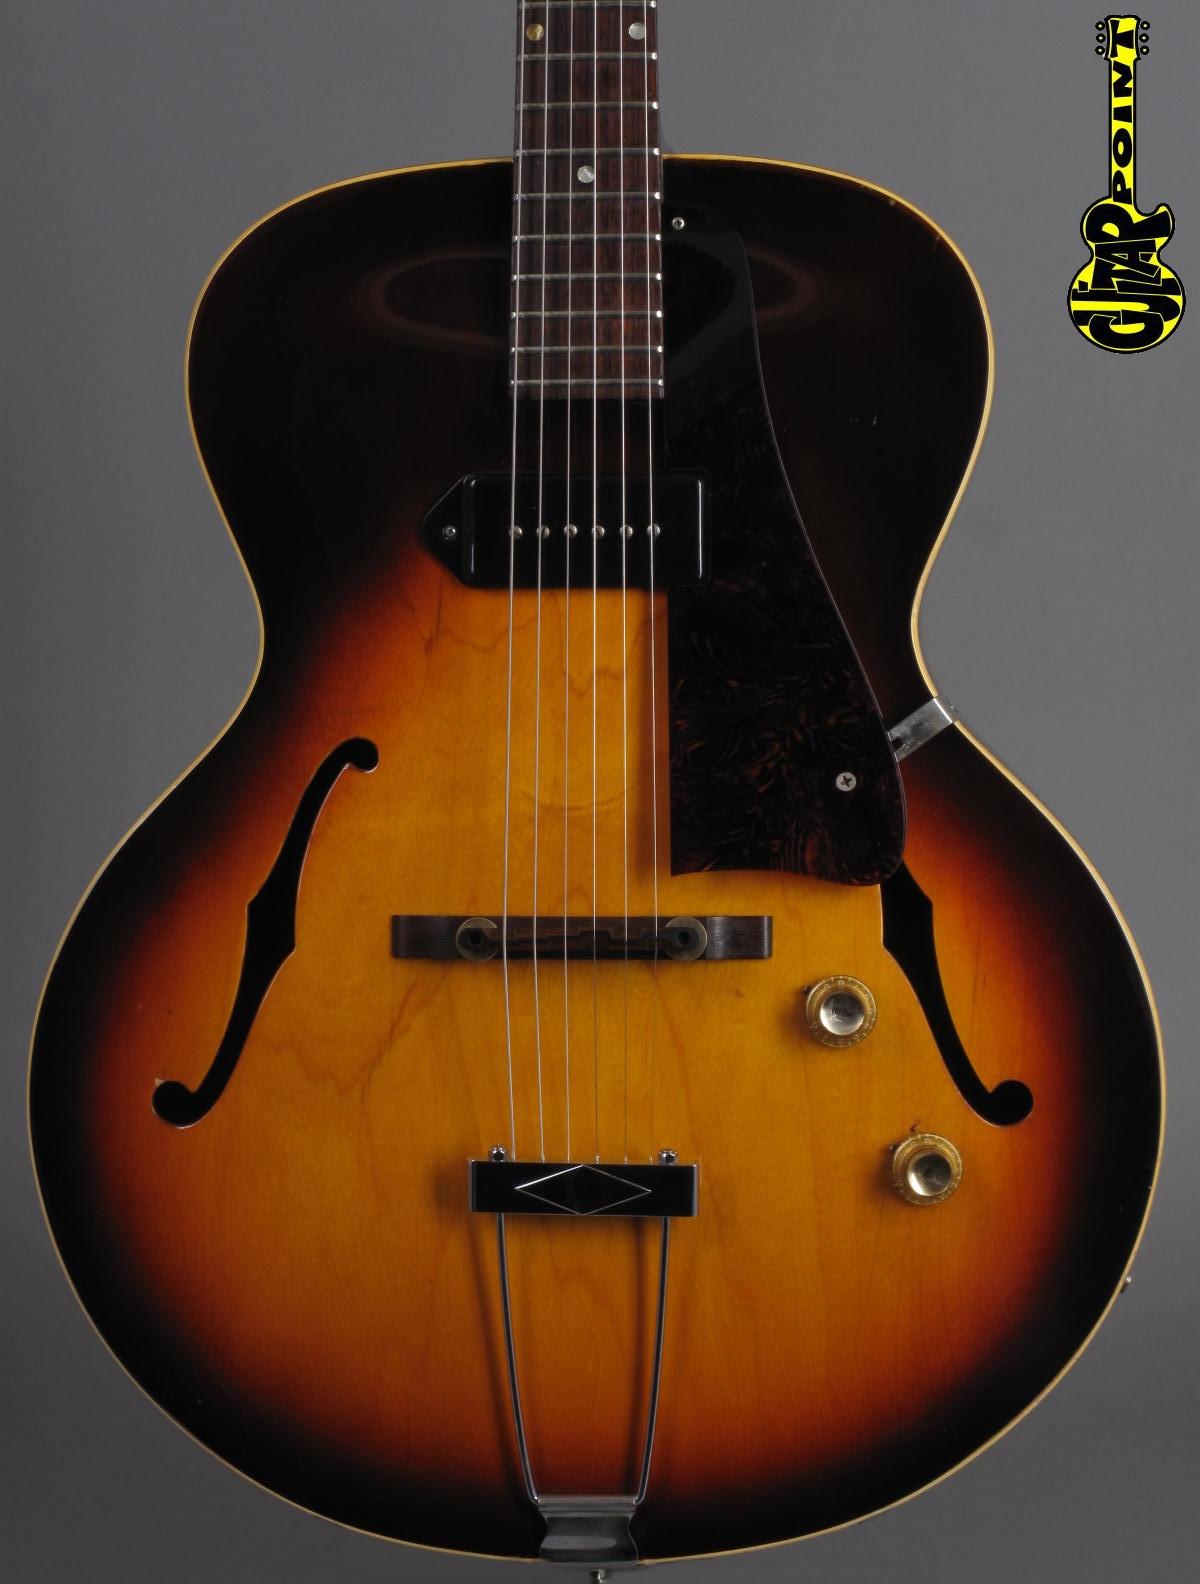 1966 Gibson ES-125 - Sunburst